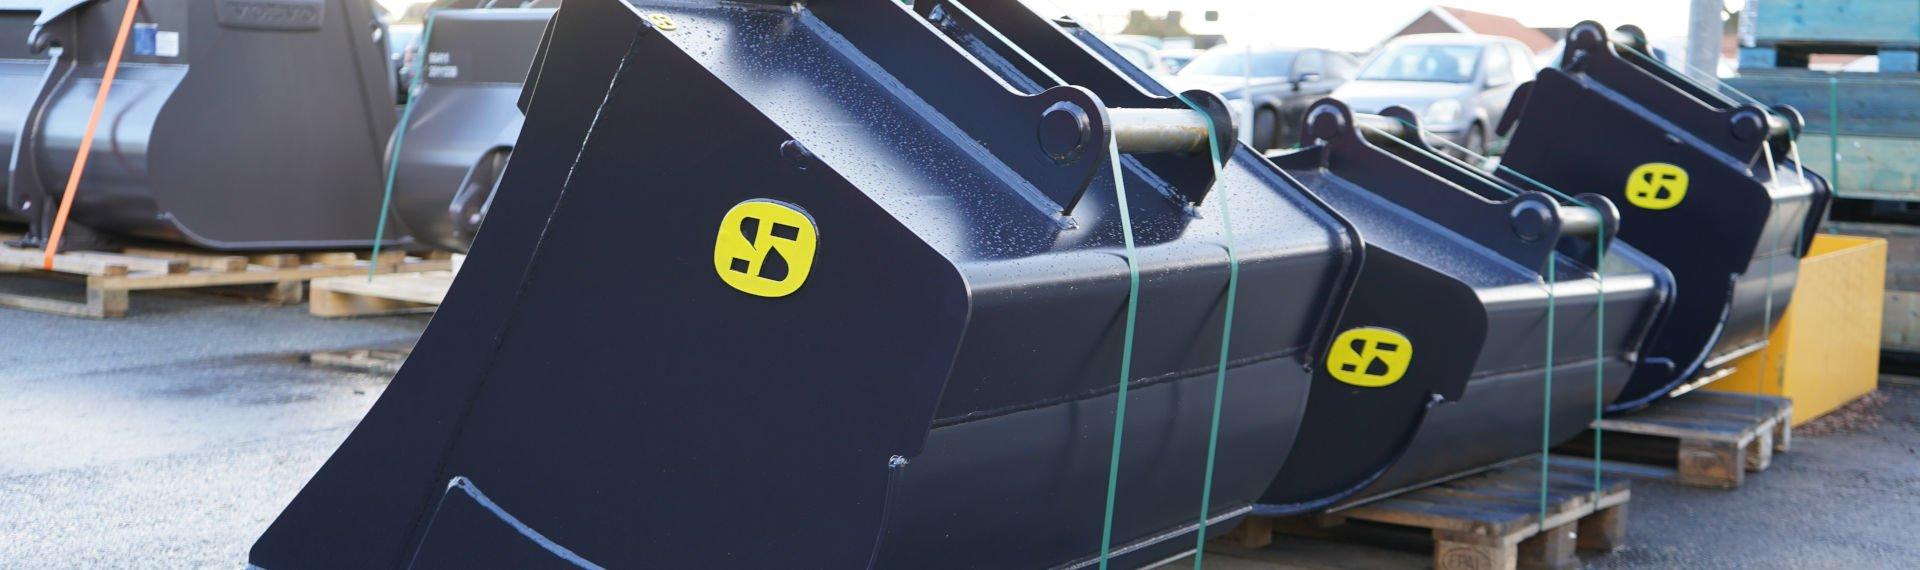 Baggerlöffelbefestigungen aus Hardox® 500 Tuf – einsatzbereit für harte Arbeitstage